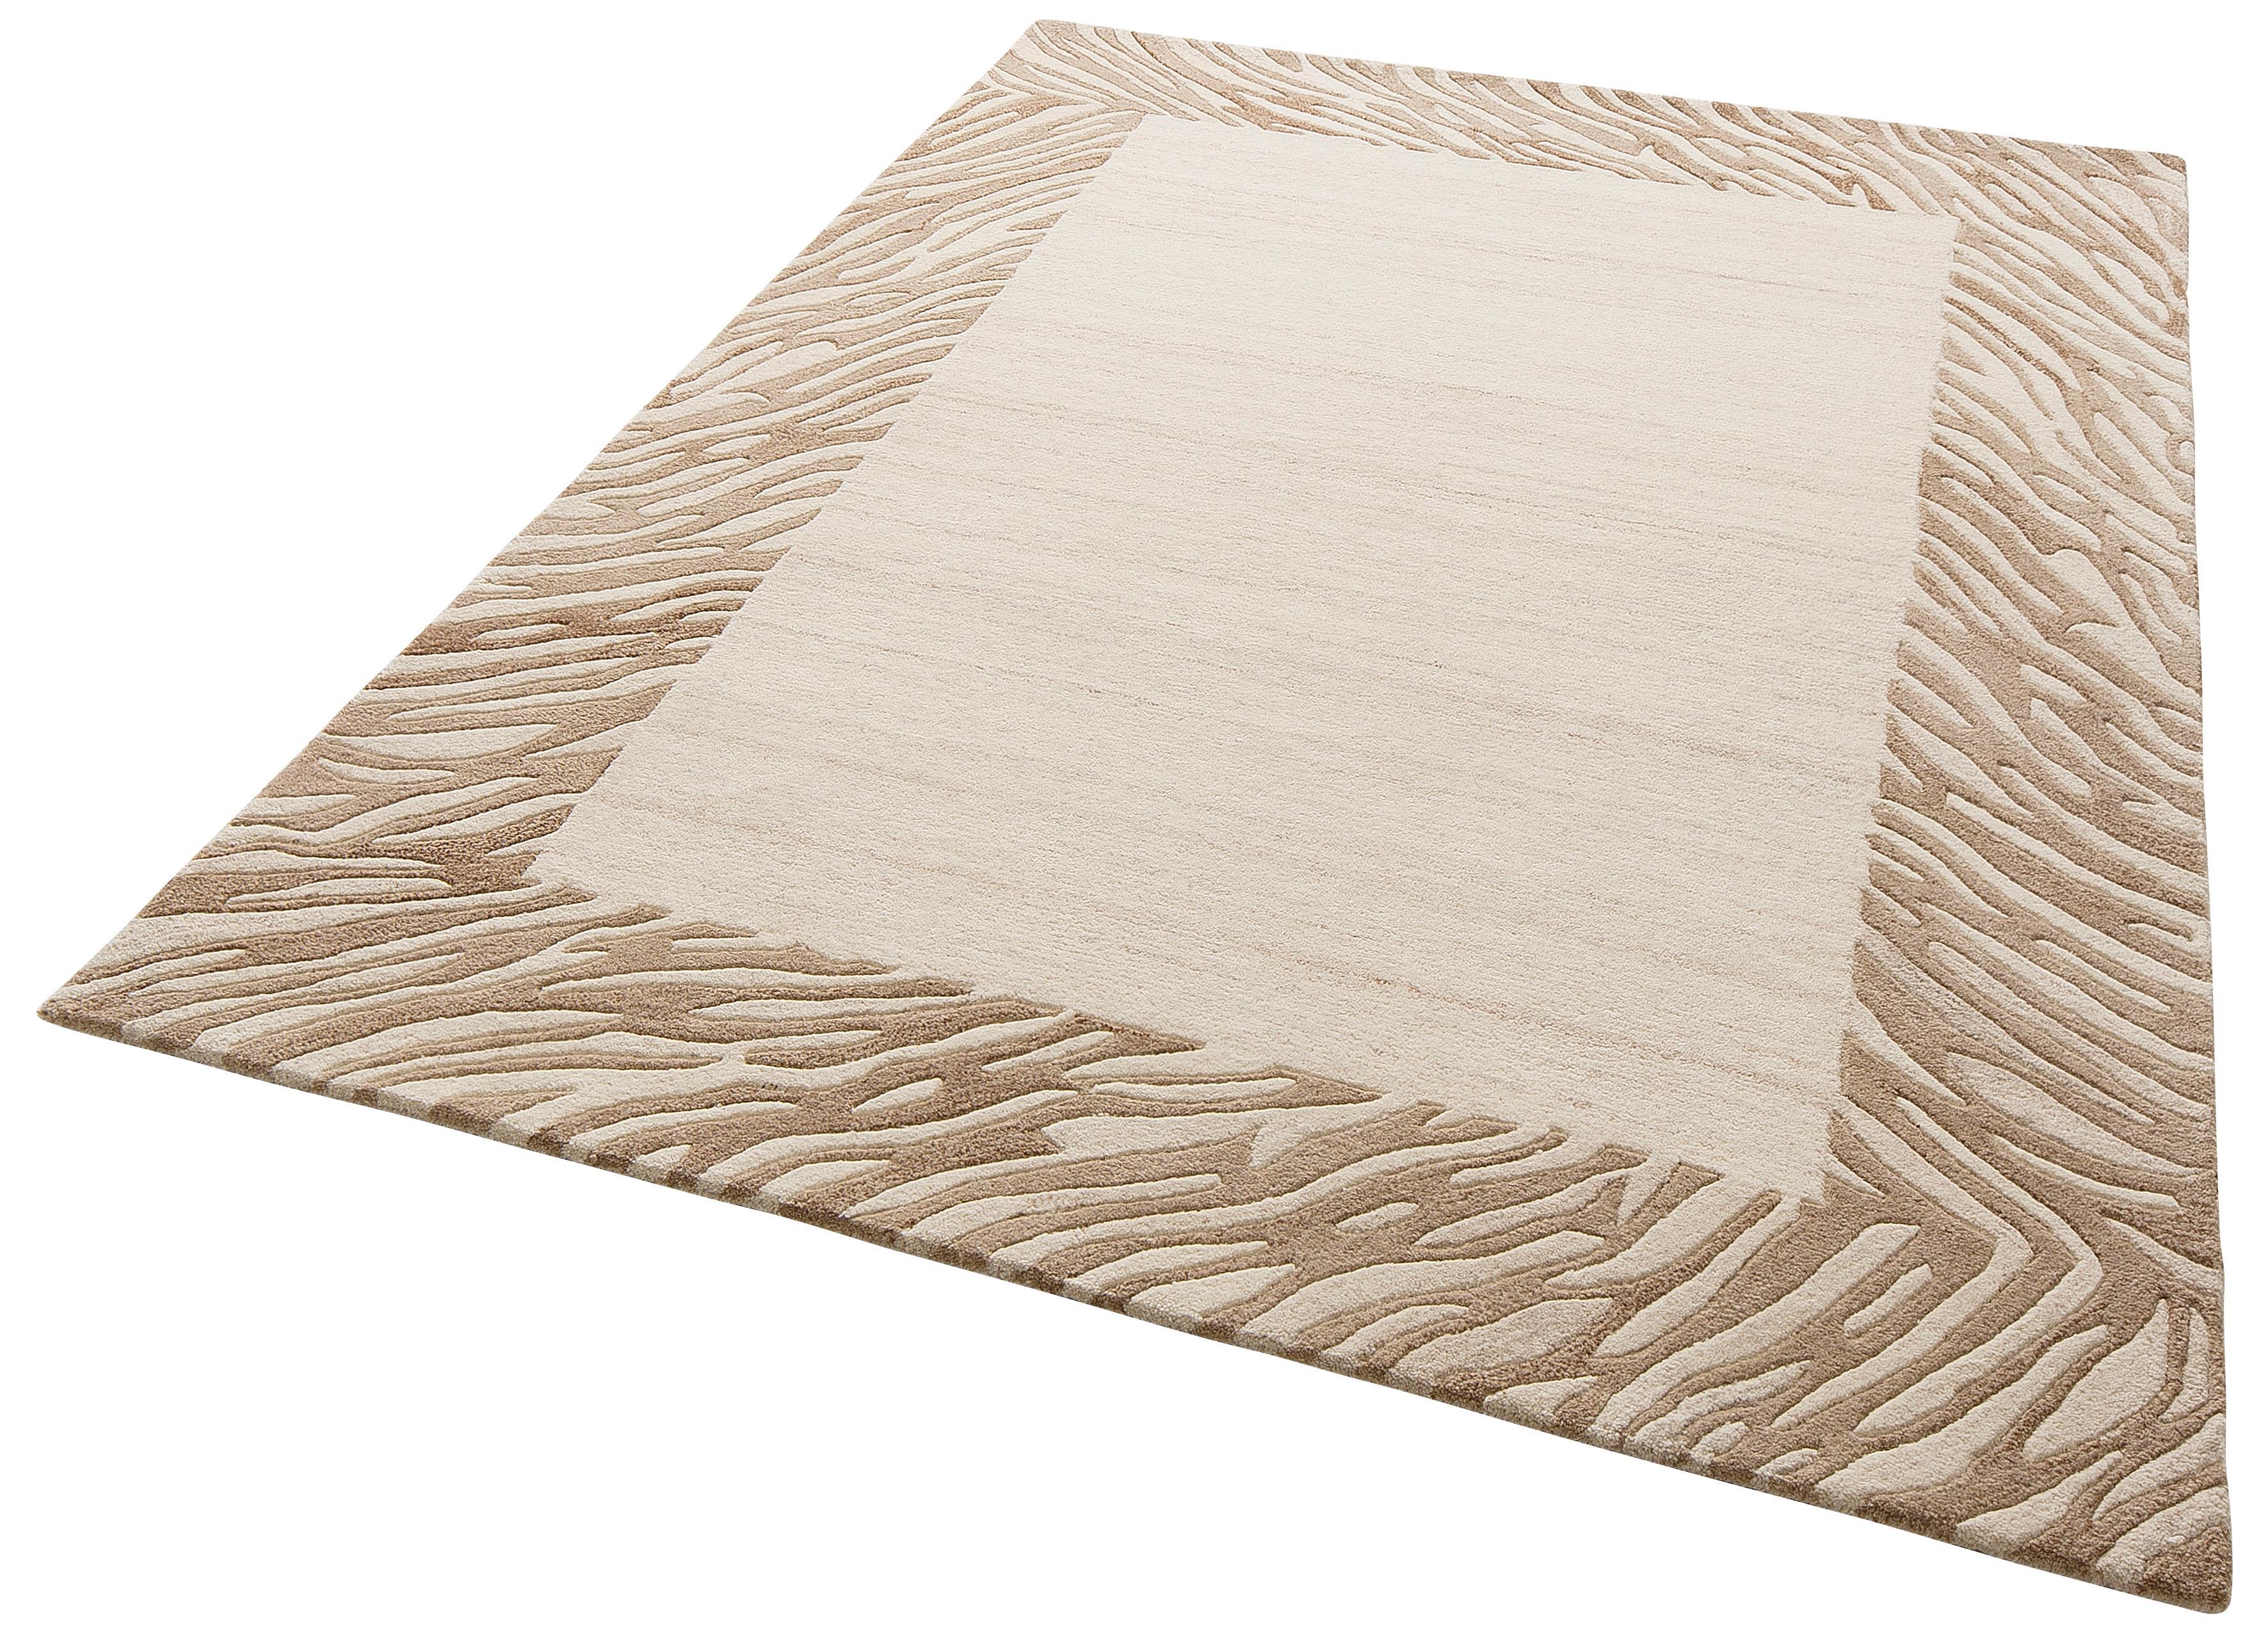 Wollteppich Kübra Theko Exklusiv rechteckig Höhe 14 mm handgetuftet